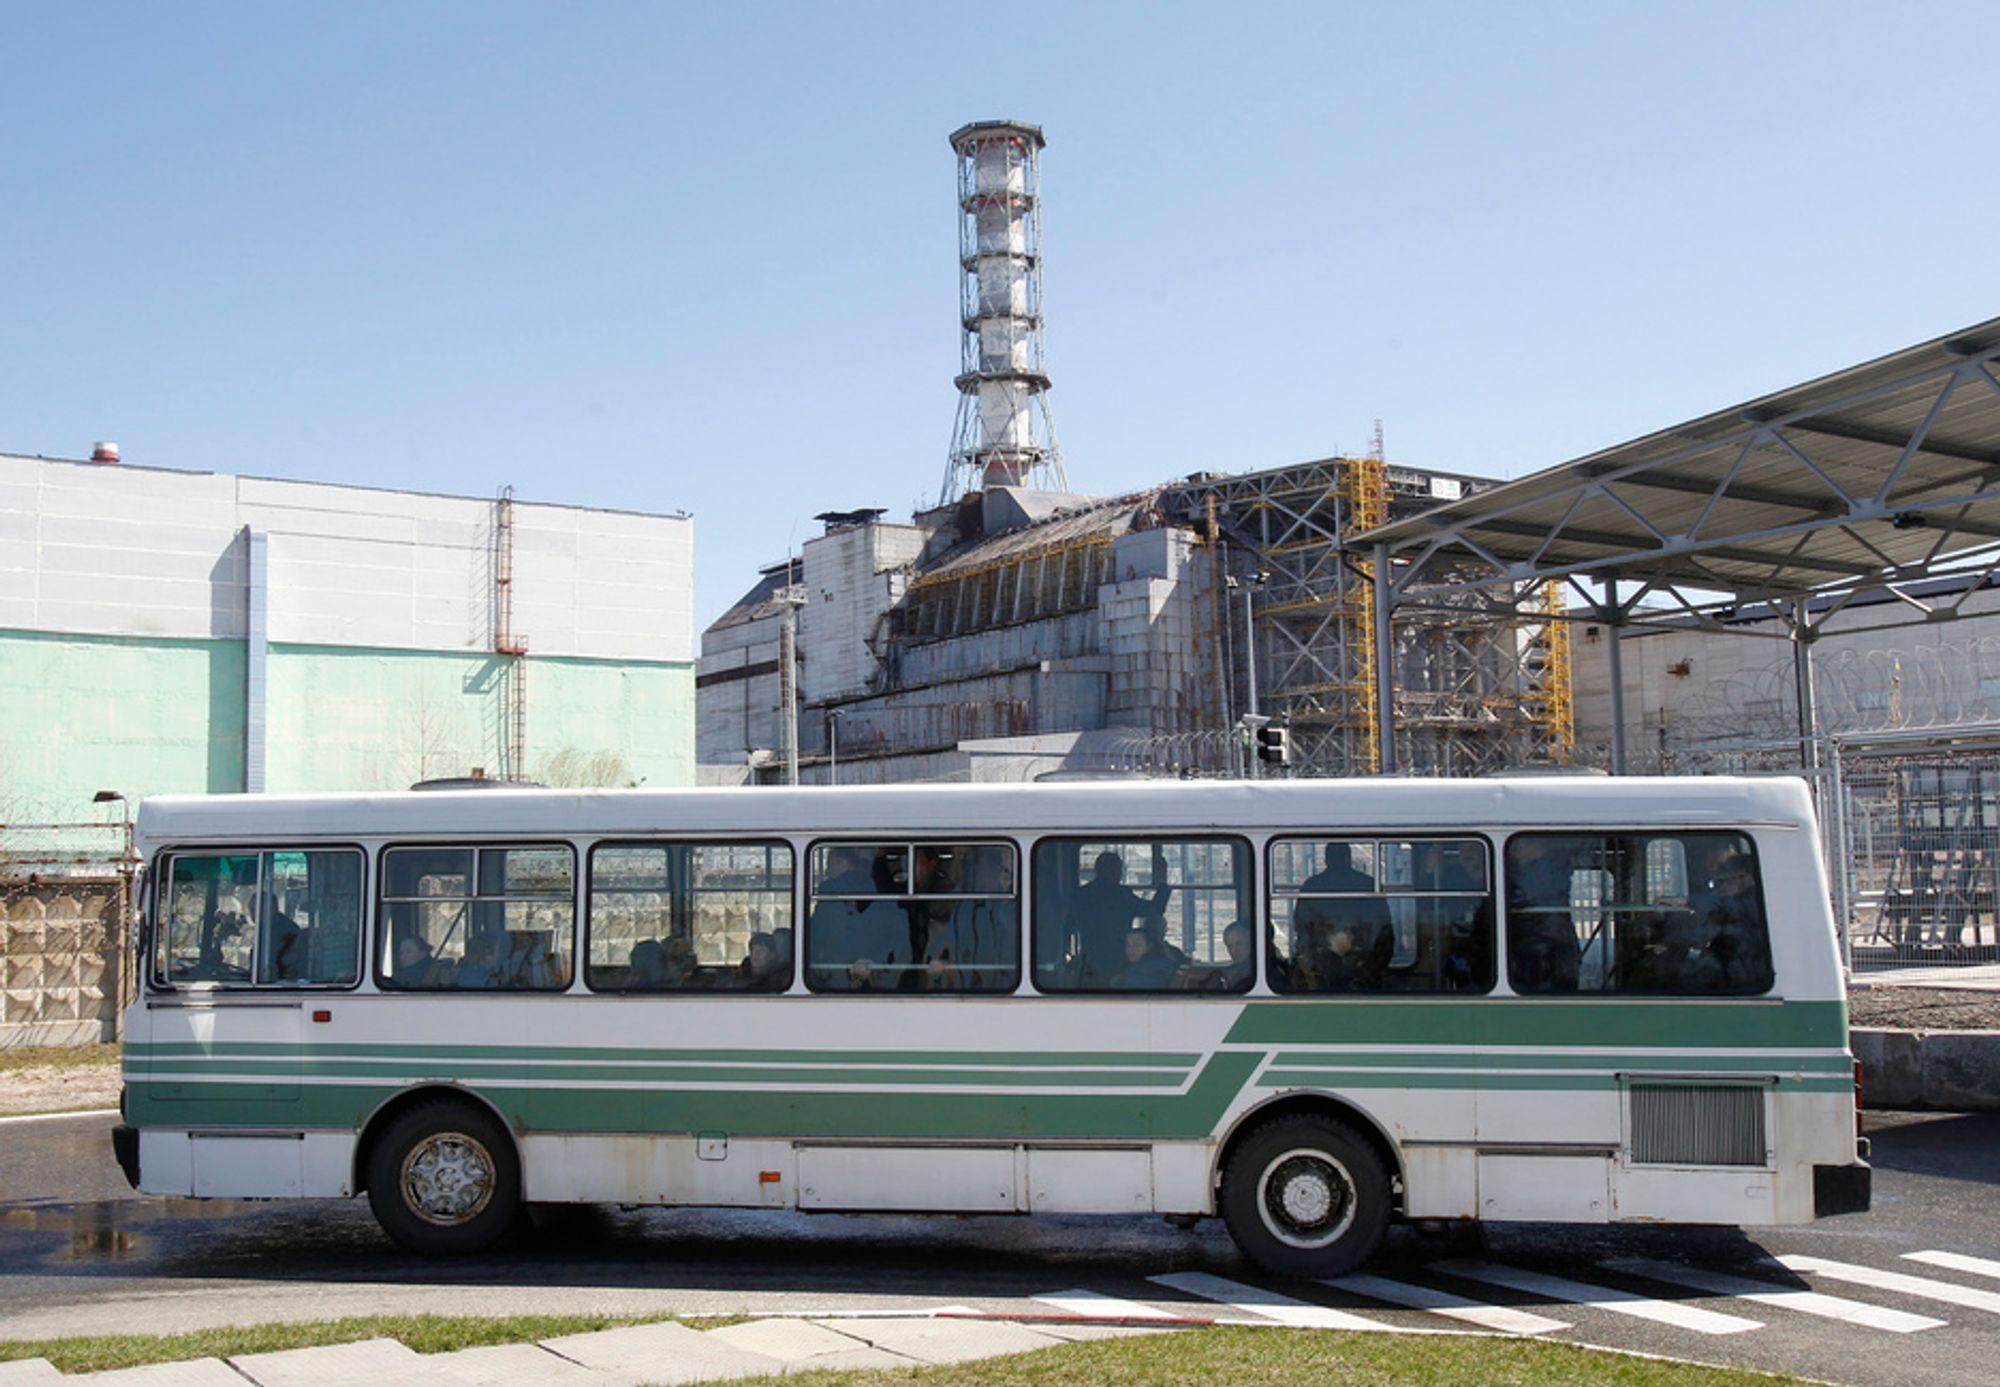 RAGER: Den ødelagte atomreaktoren i Tsjernobyl i Ukraina rager fortsatt som et monument over historiens verste atomulykke. Tirsdag er det 25 år siden historiens verste atomulykke.